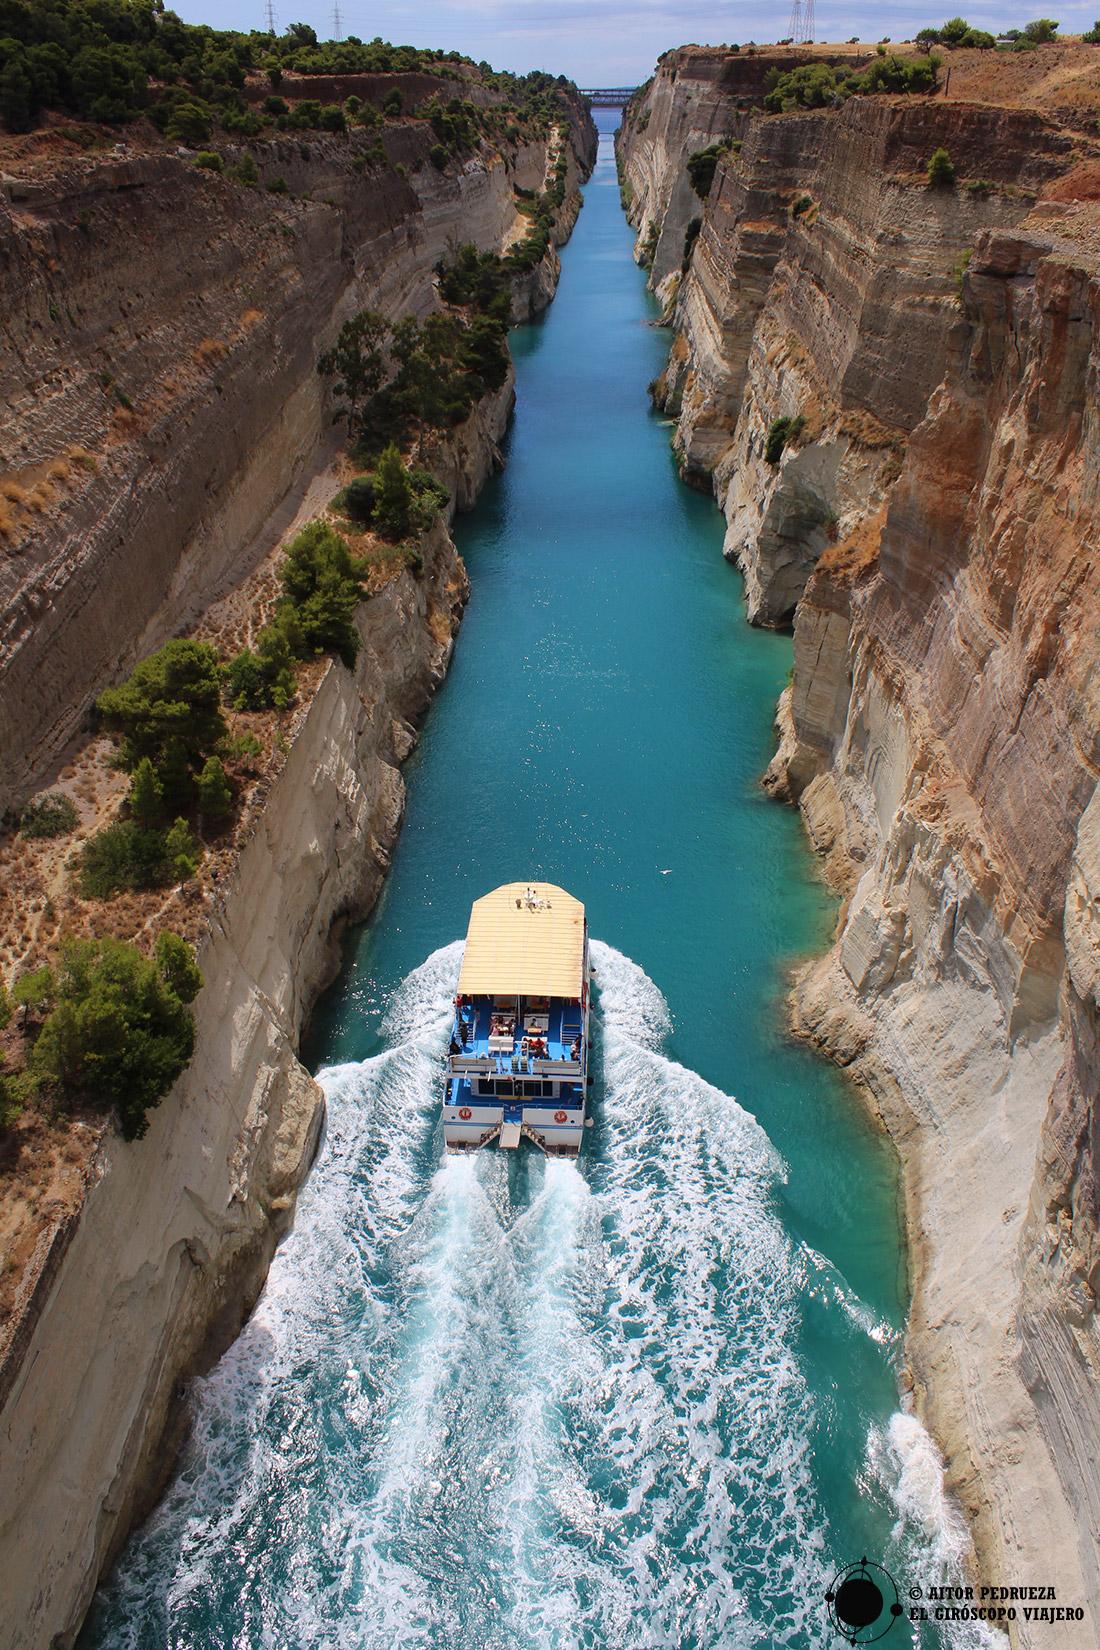 Vistas del canal de Corinto desde el puente peatonal